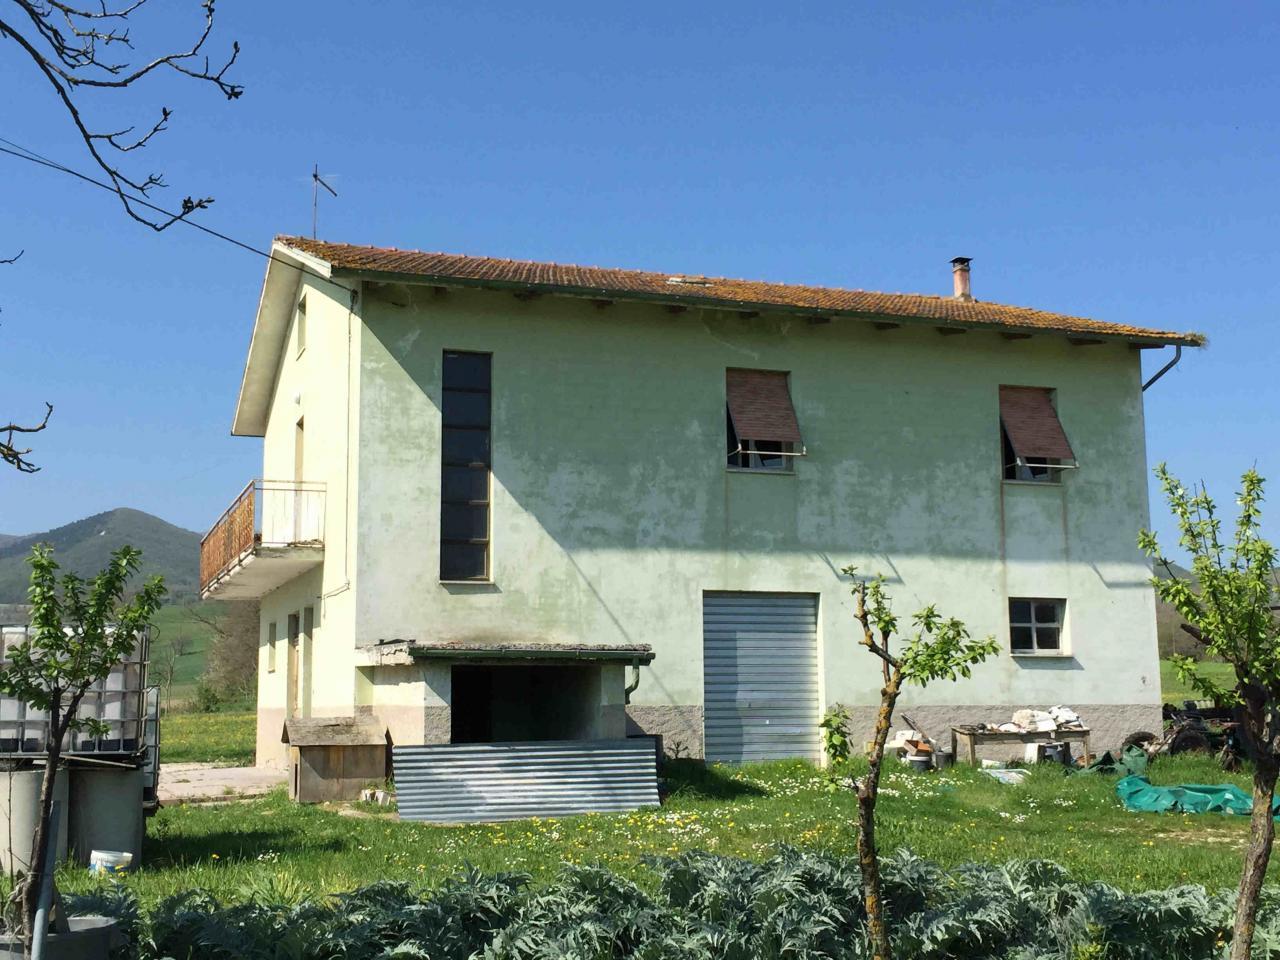 Soluzione Indipendente in vendita a Fabriano, 8 locali, zona Località: FRAZIONI, Trattative riservate | CambioCasa.it